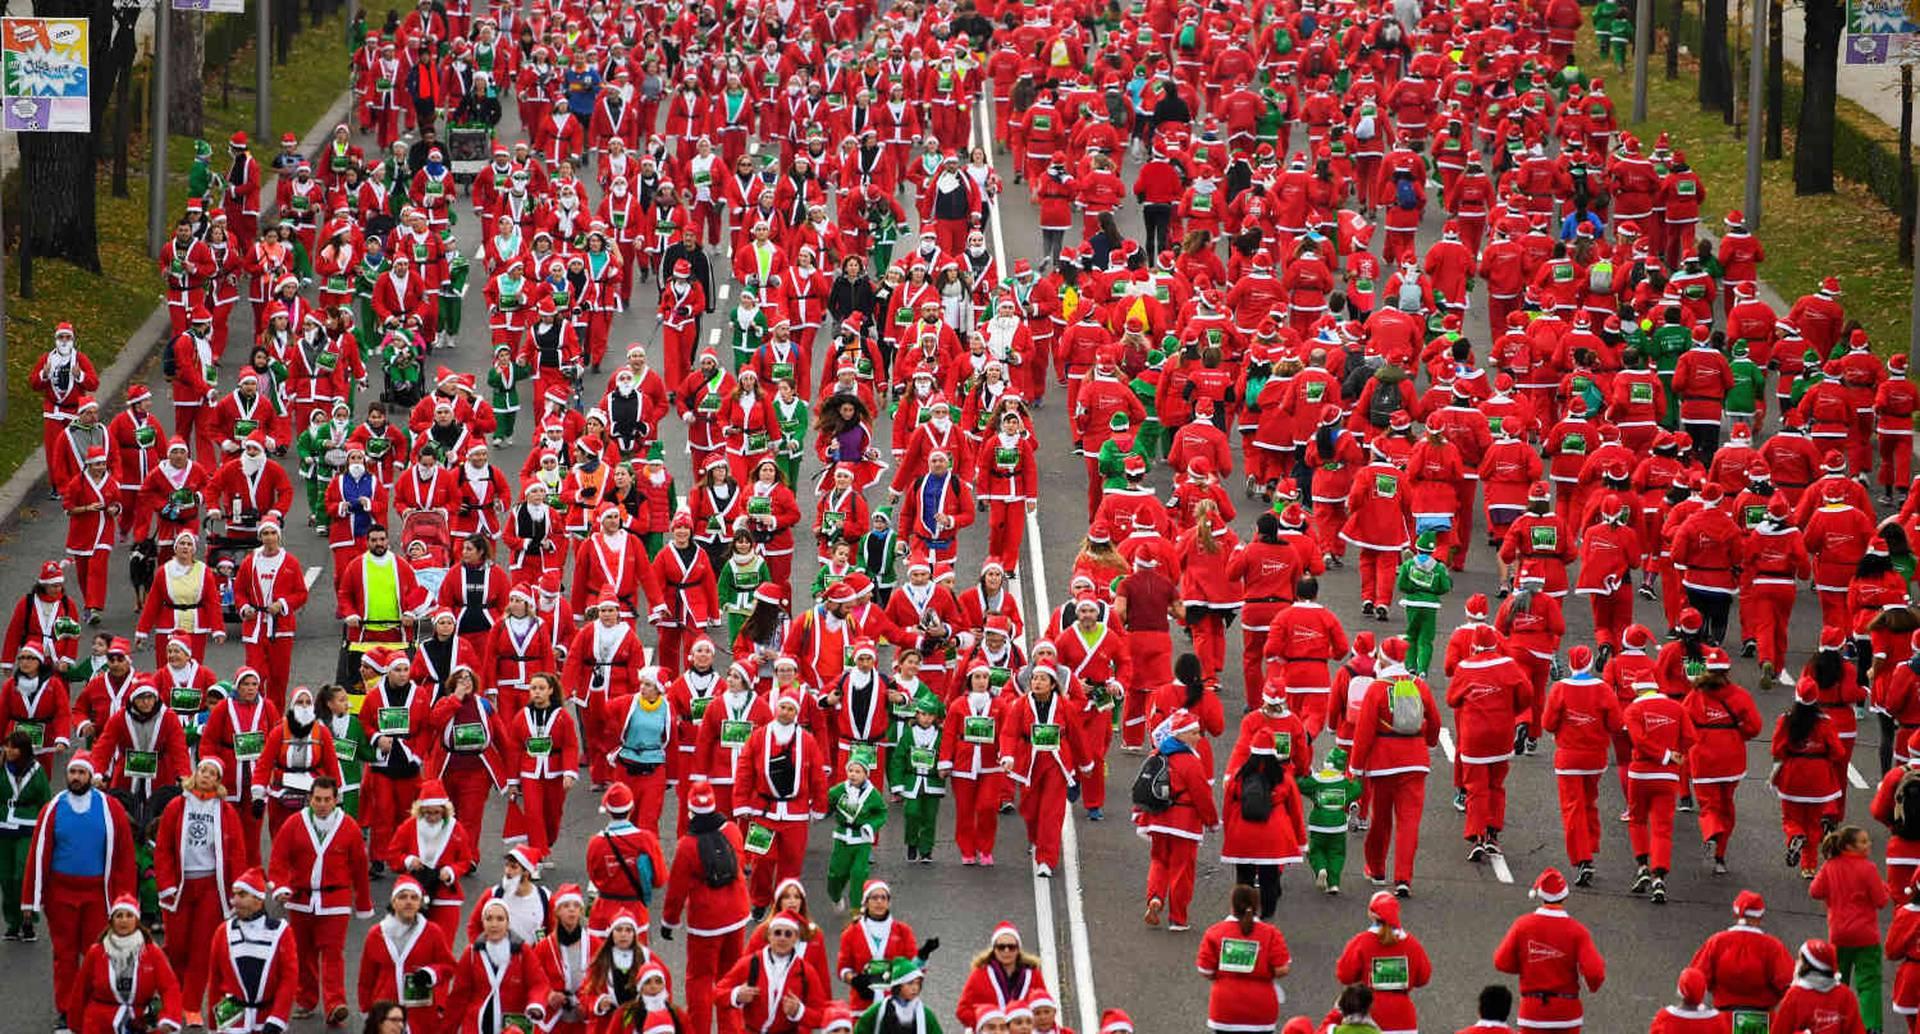 Las personas disfrazadas de Papá Noel participan en la carrera de Papá Noel en Madrid, el 9 de diciembre de 2018. (Foto por Gabriel BOUYS / AFP)